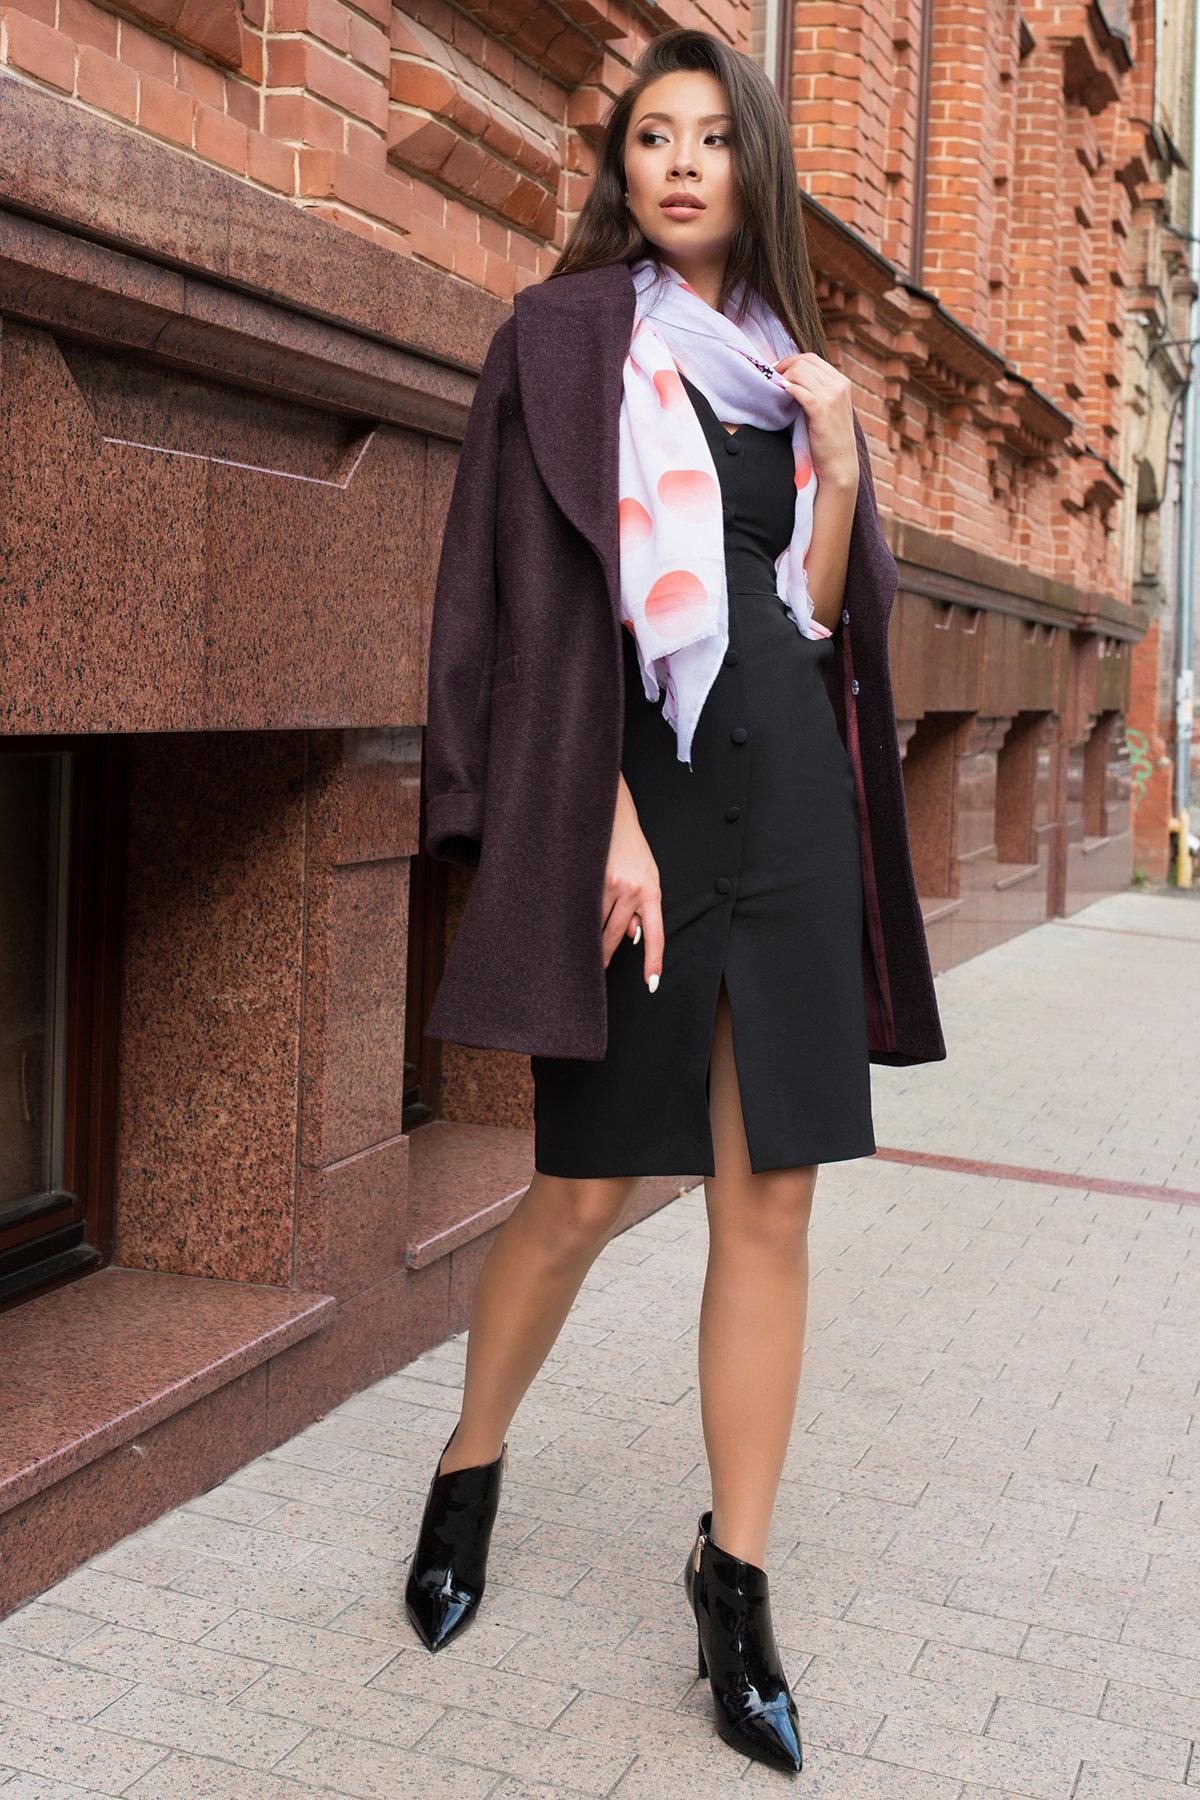 Пальто Вива 7868 АРТ. 43788 Цвет: Марсала 5 - фото 3, интернет магазин tm-modus.ru